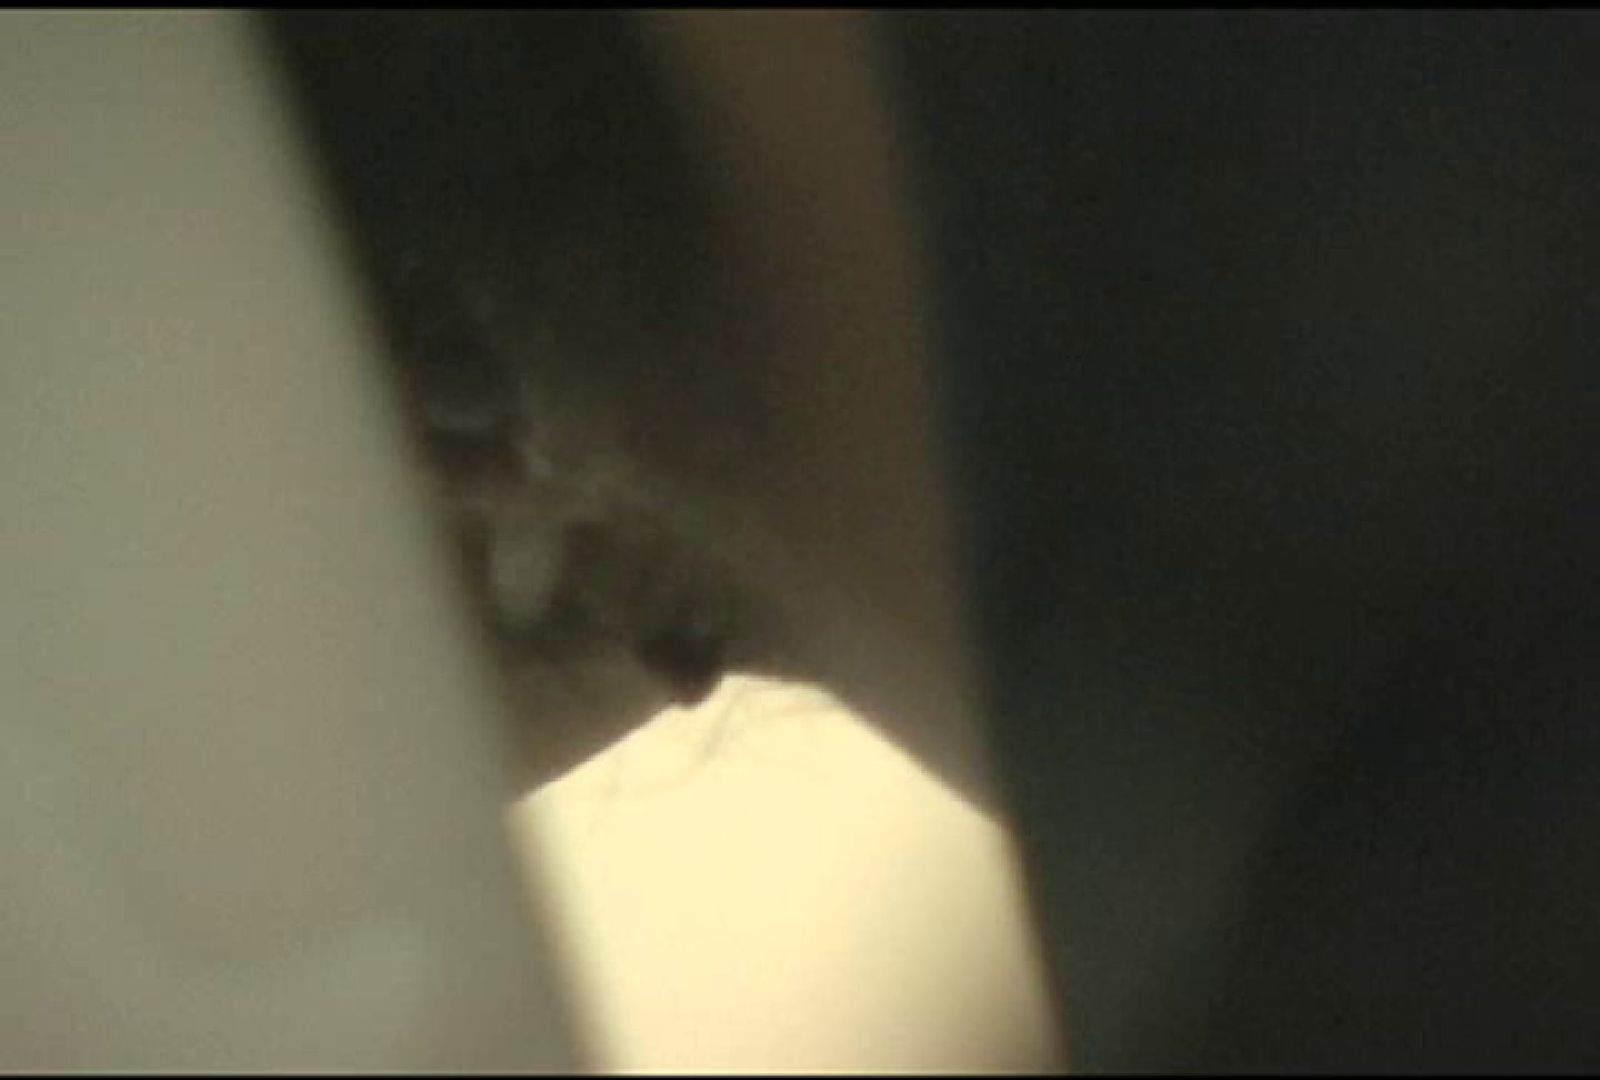 マンコ丸見え女子洗面所Vol.53 おまんこ無修正 オマンコ無修正動画無料 90画像 4